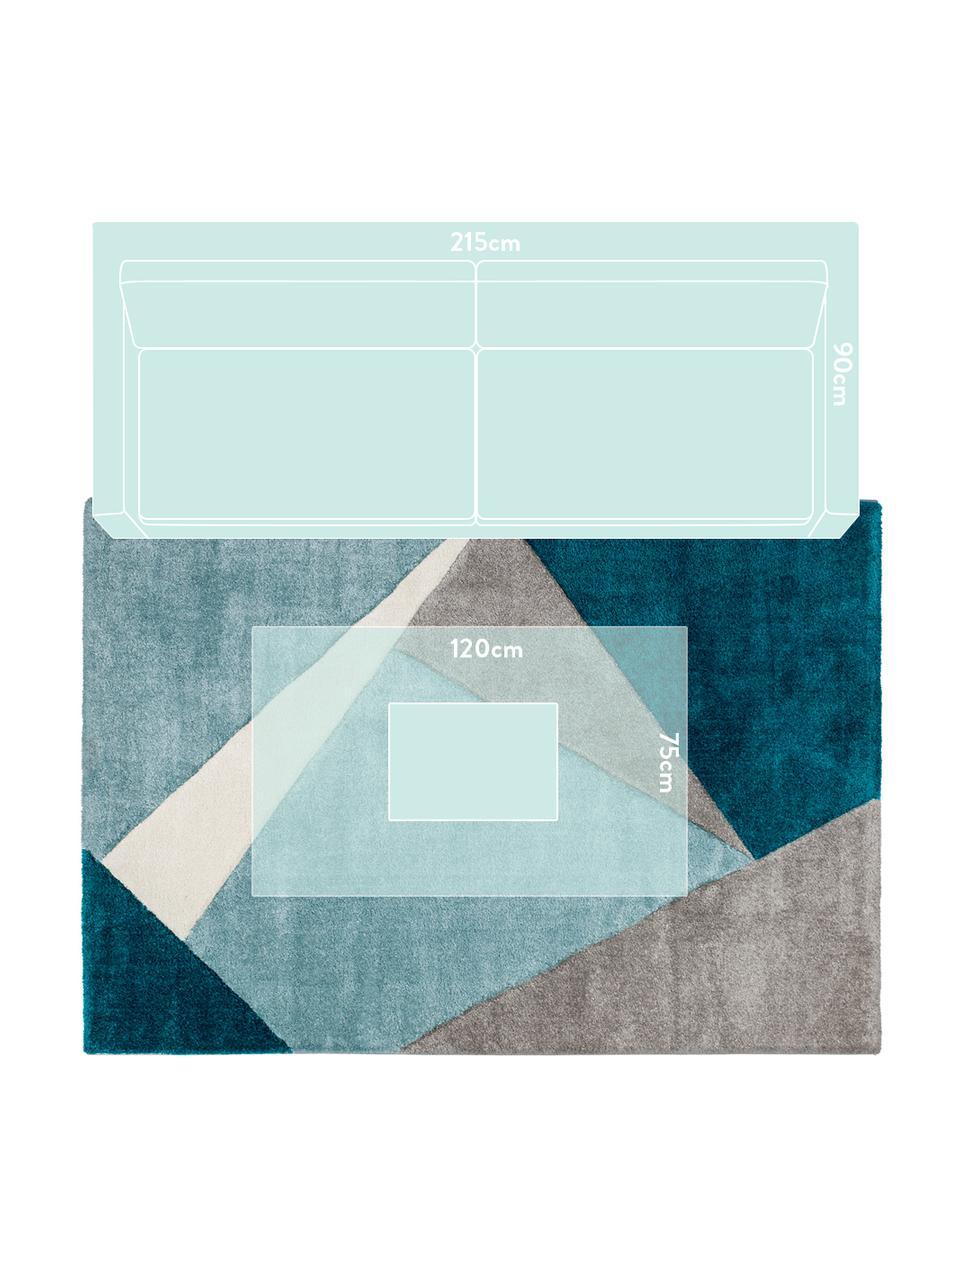 Teppich My Broadway mit geometrischem Muster in Beige-Blau, Flor: 100% Polypropylen, Blautöne, Beige, Creme, B 200 x L 290 cm (Größe L)